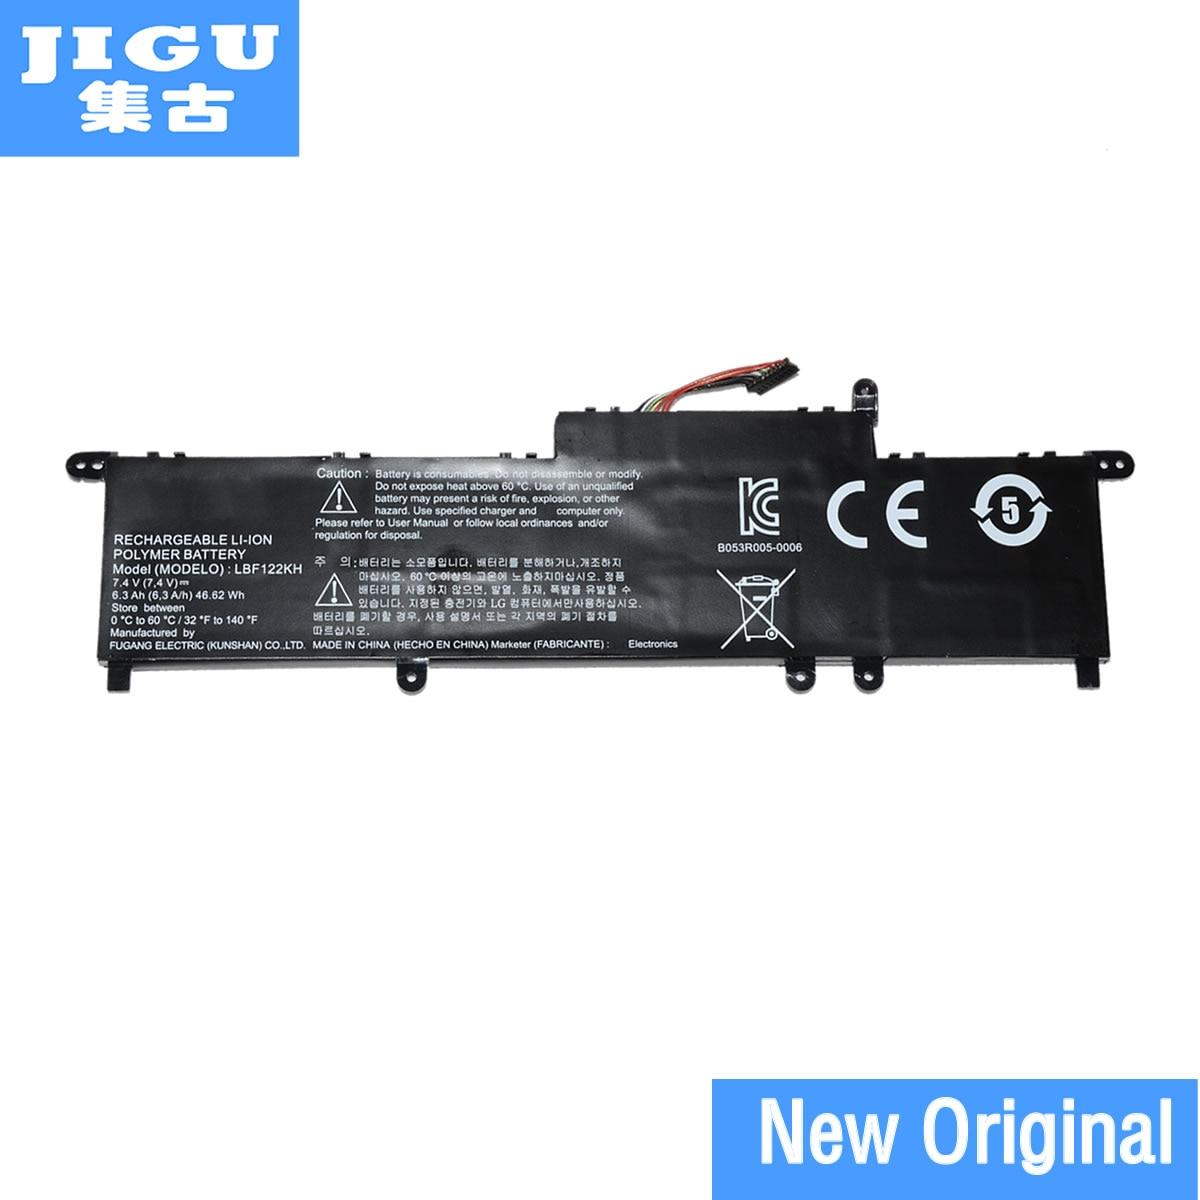 JIGU LBF122KH 7.4V 46.82WH Original Laptop Battery For LG P2